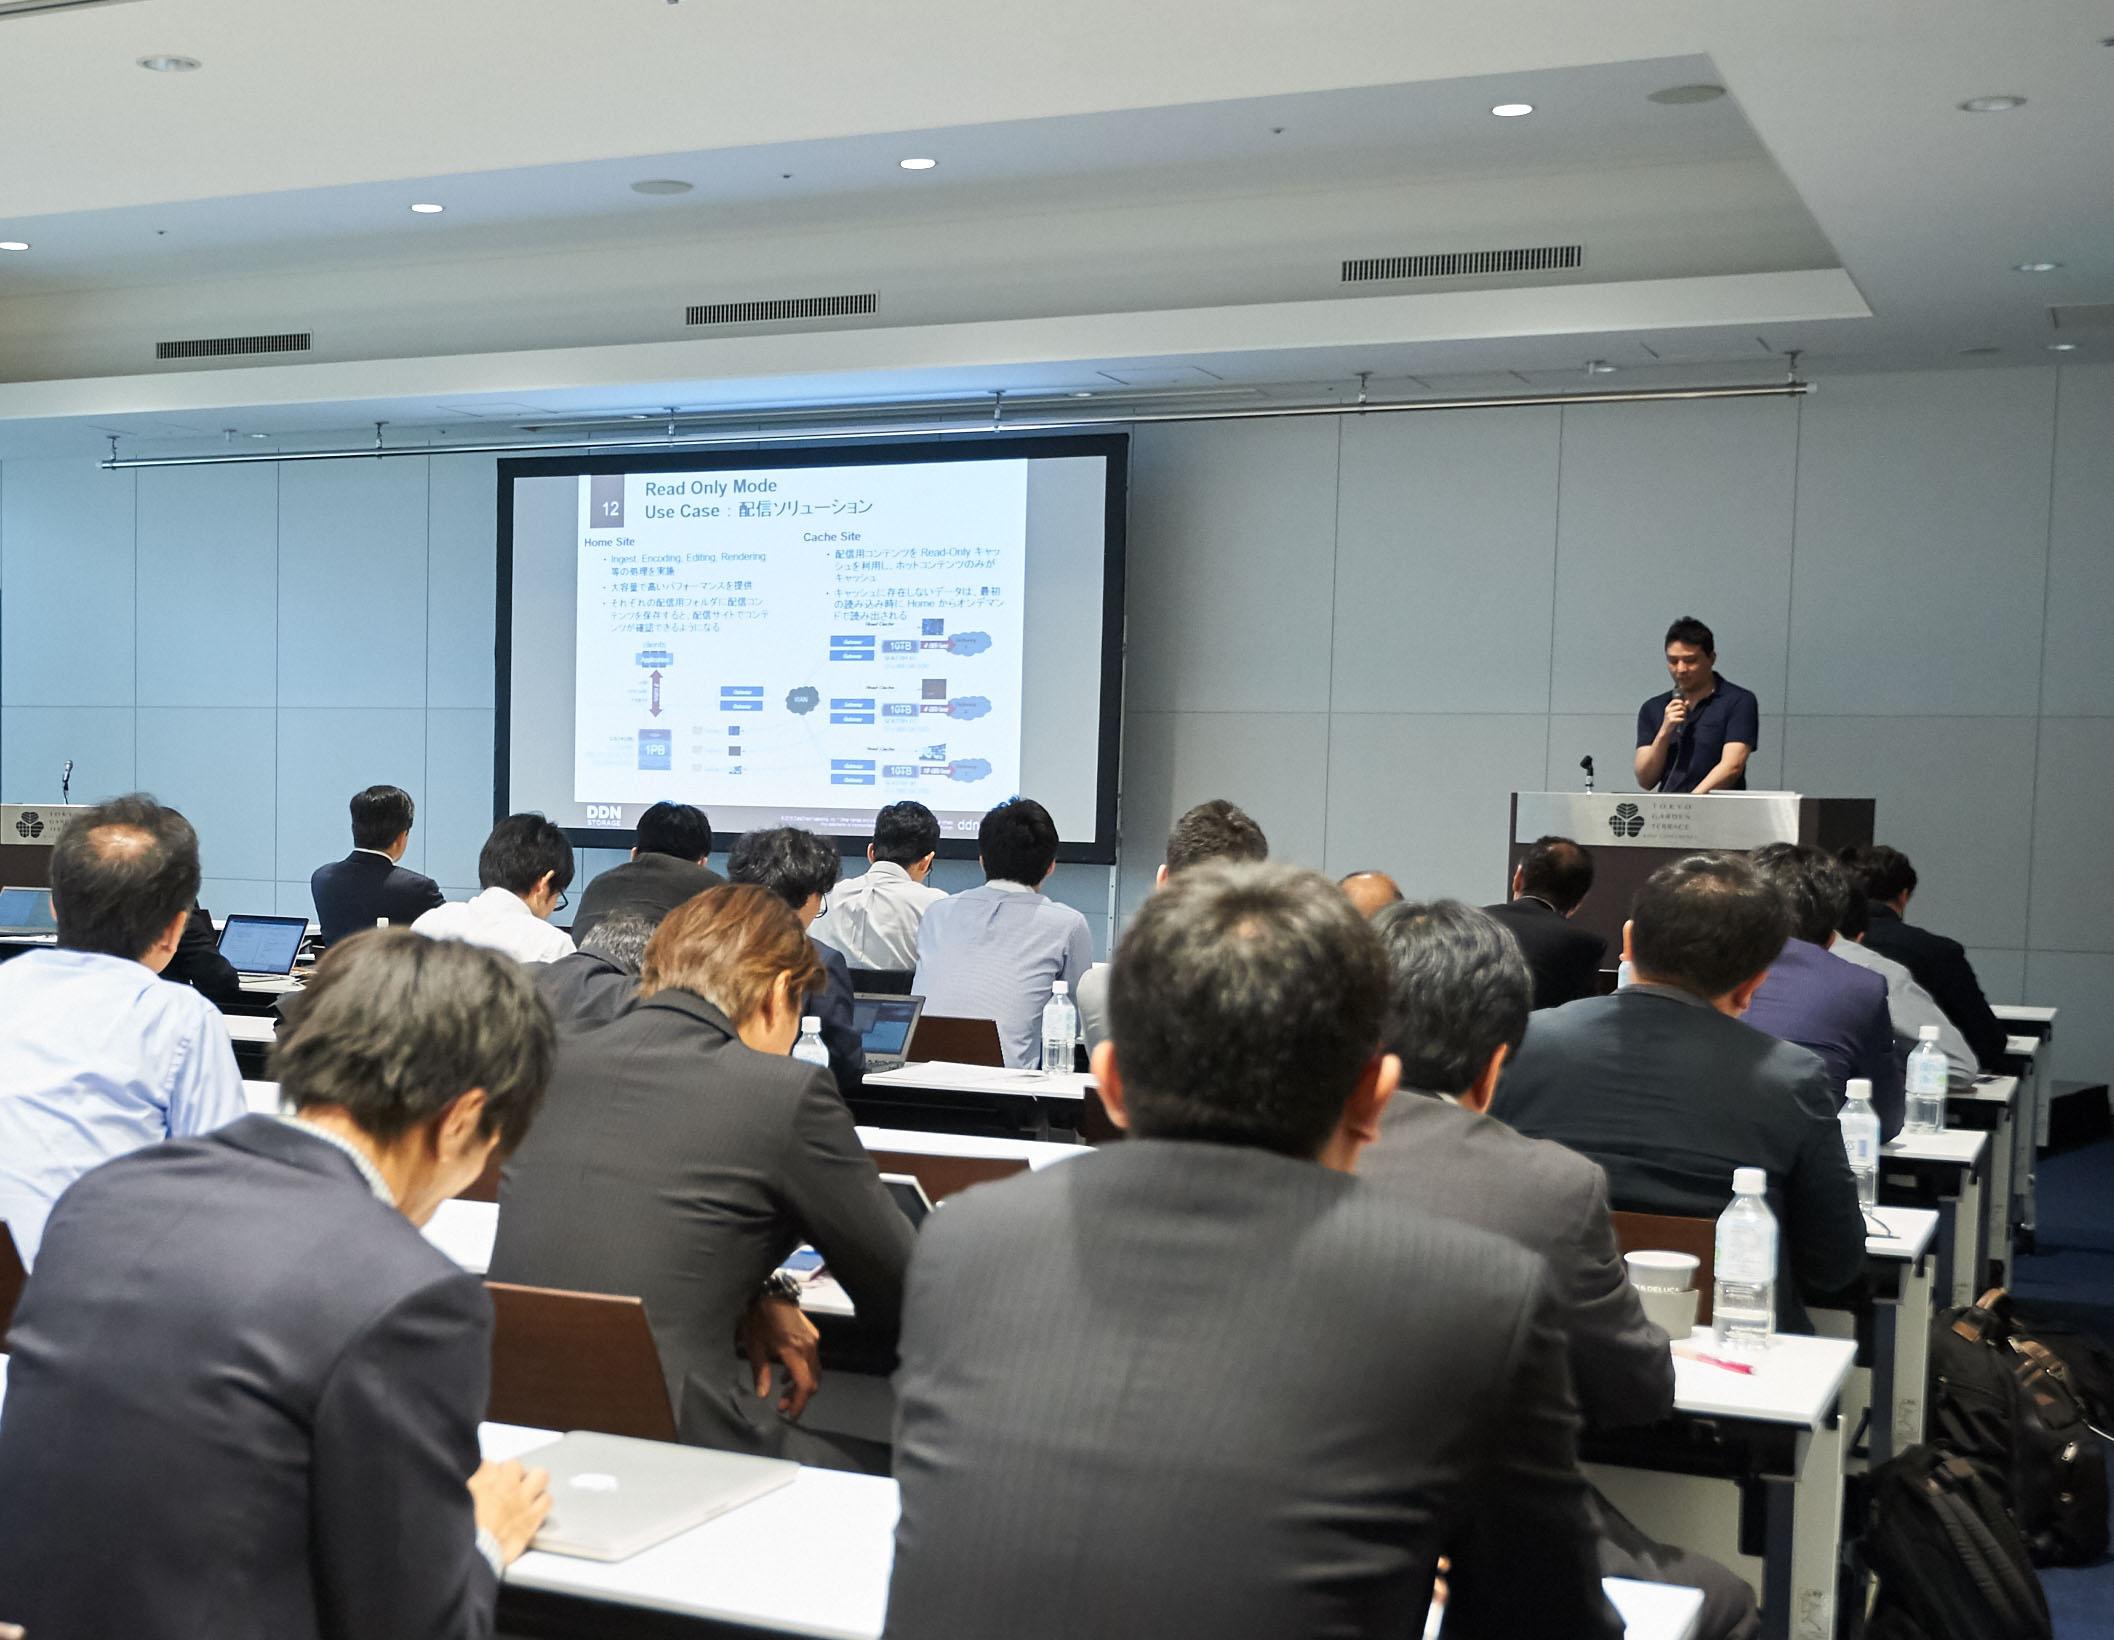 あらゆる分野で利用が進むファイル管理システムIBM Spectrum Scale - U-NEXT、Yahoo! JAPANに見る活用事例